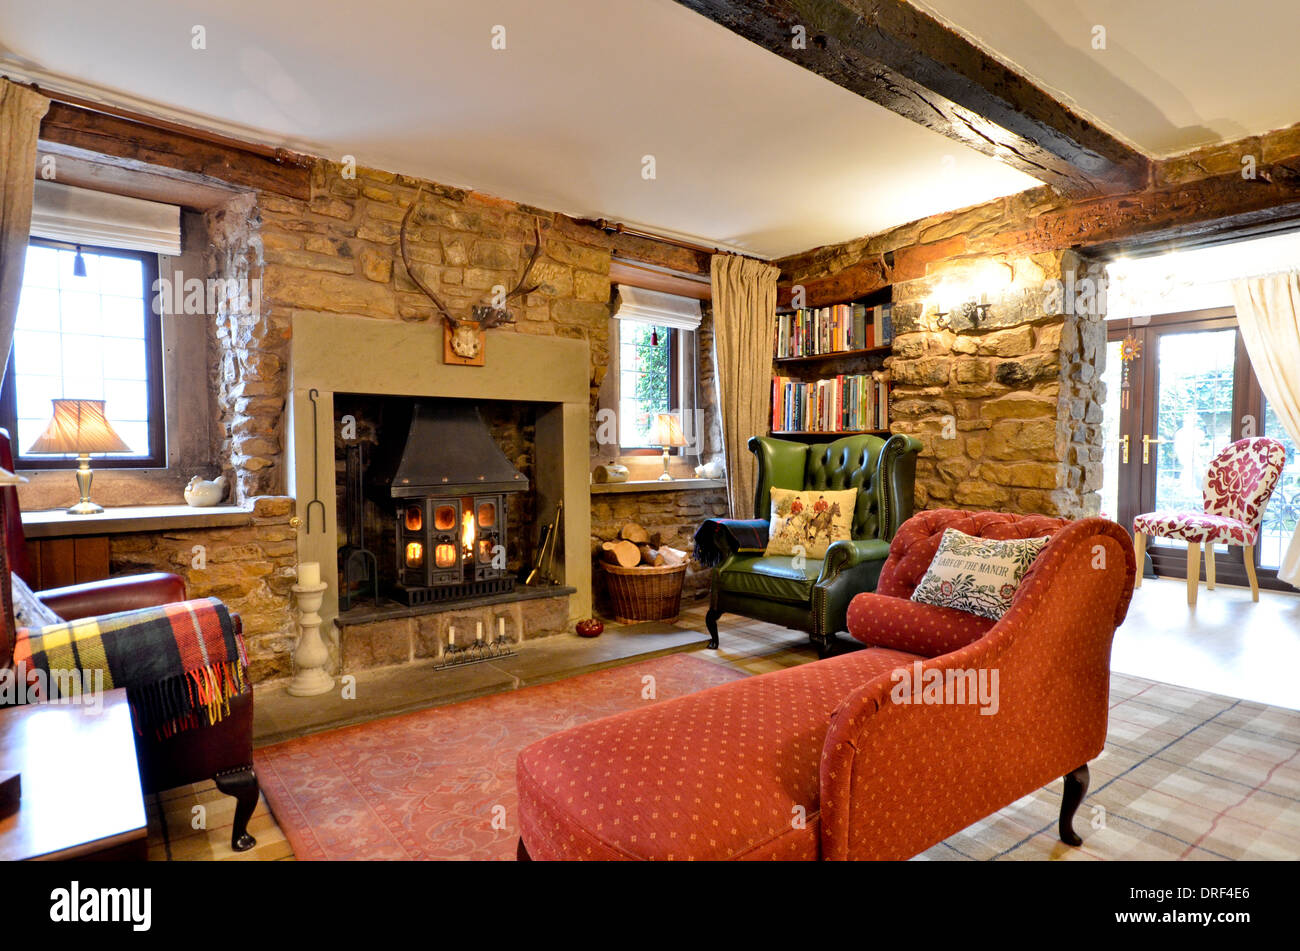 Bauernhaus Wohnzimmer Mit Kamin Und Holzofen Stockfotografie Alamy